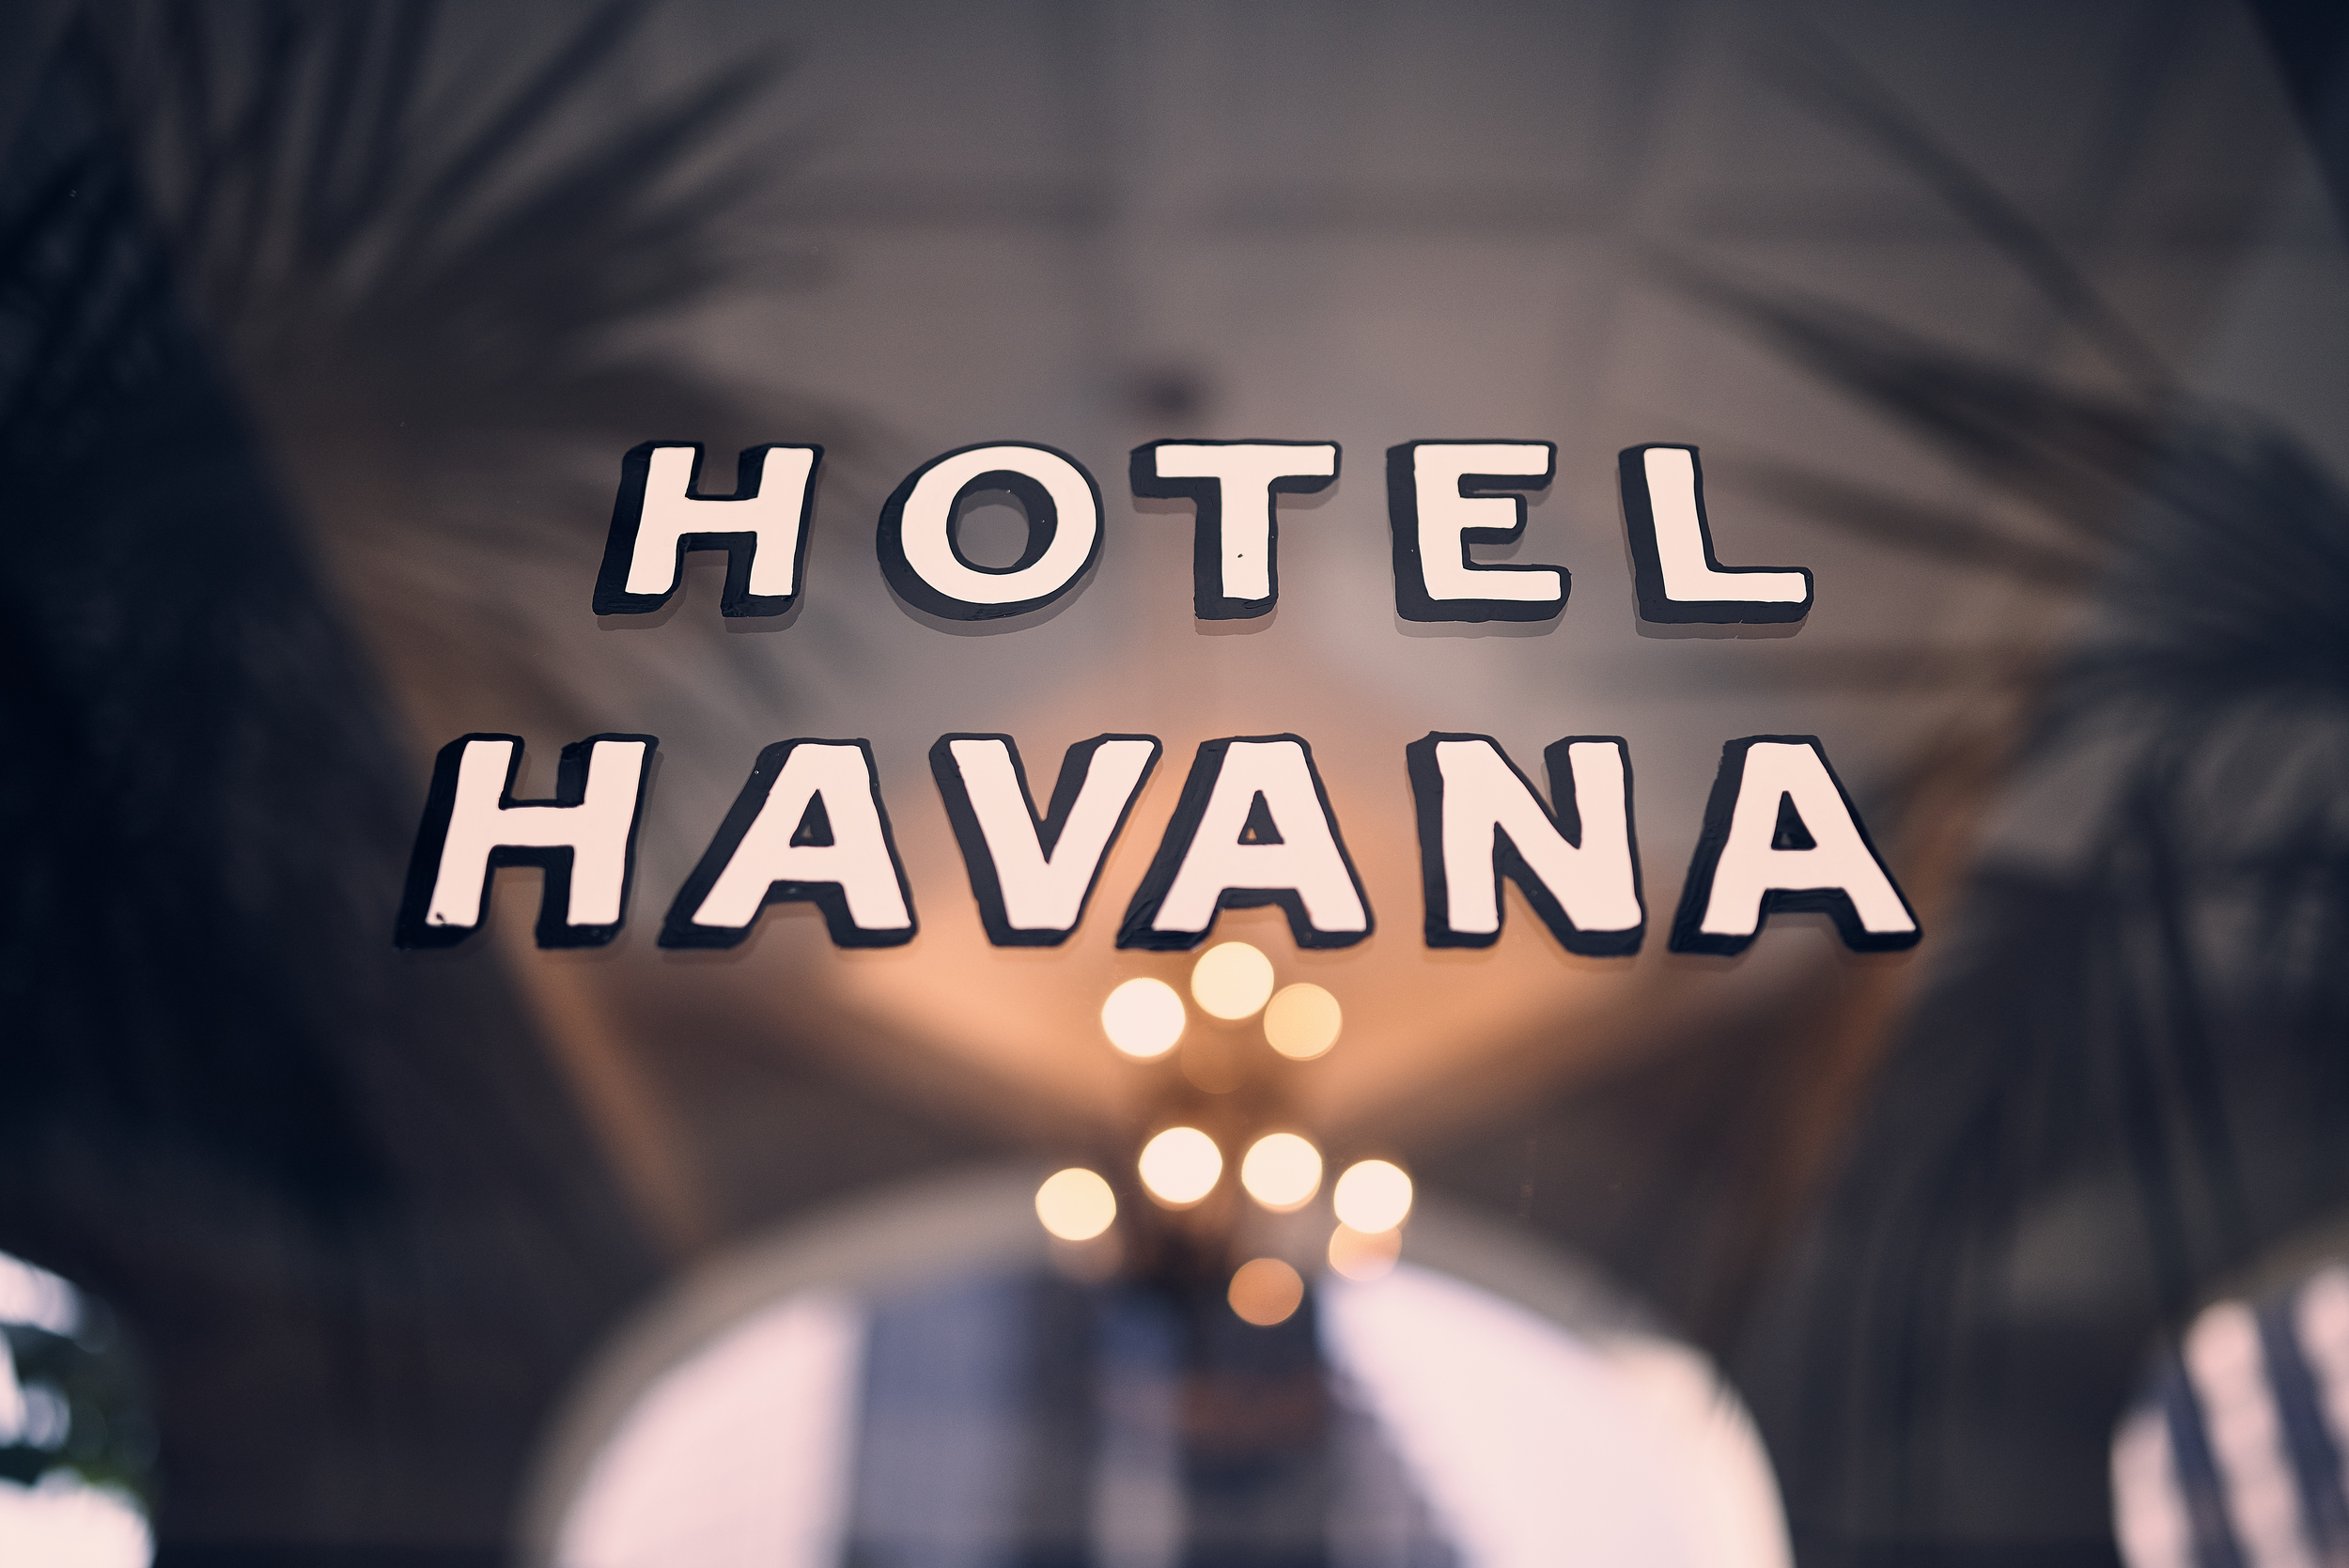 HOTEL HAVANA - SAN ANTONIO, TEXAS